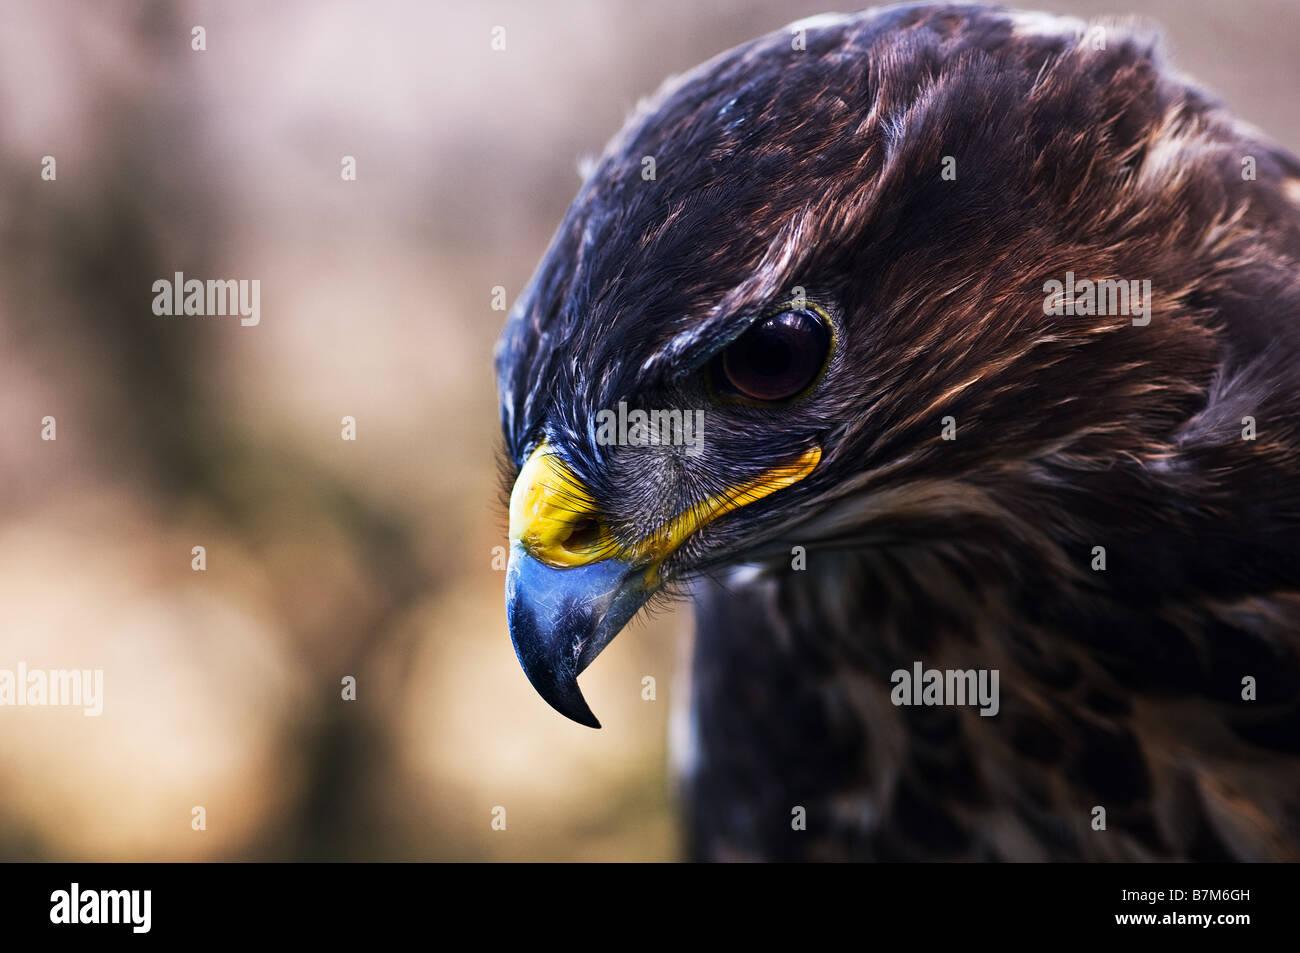 A closeup of a Common Buzzard. - Stock Image